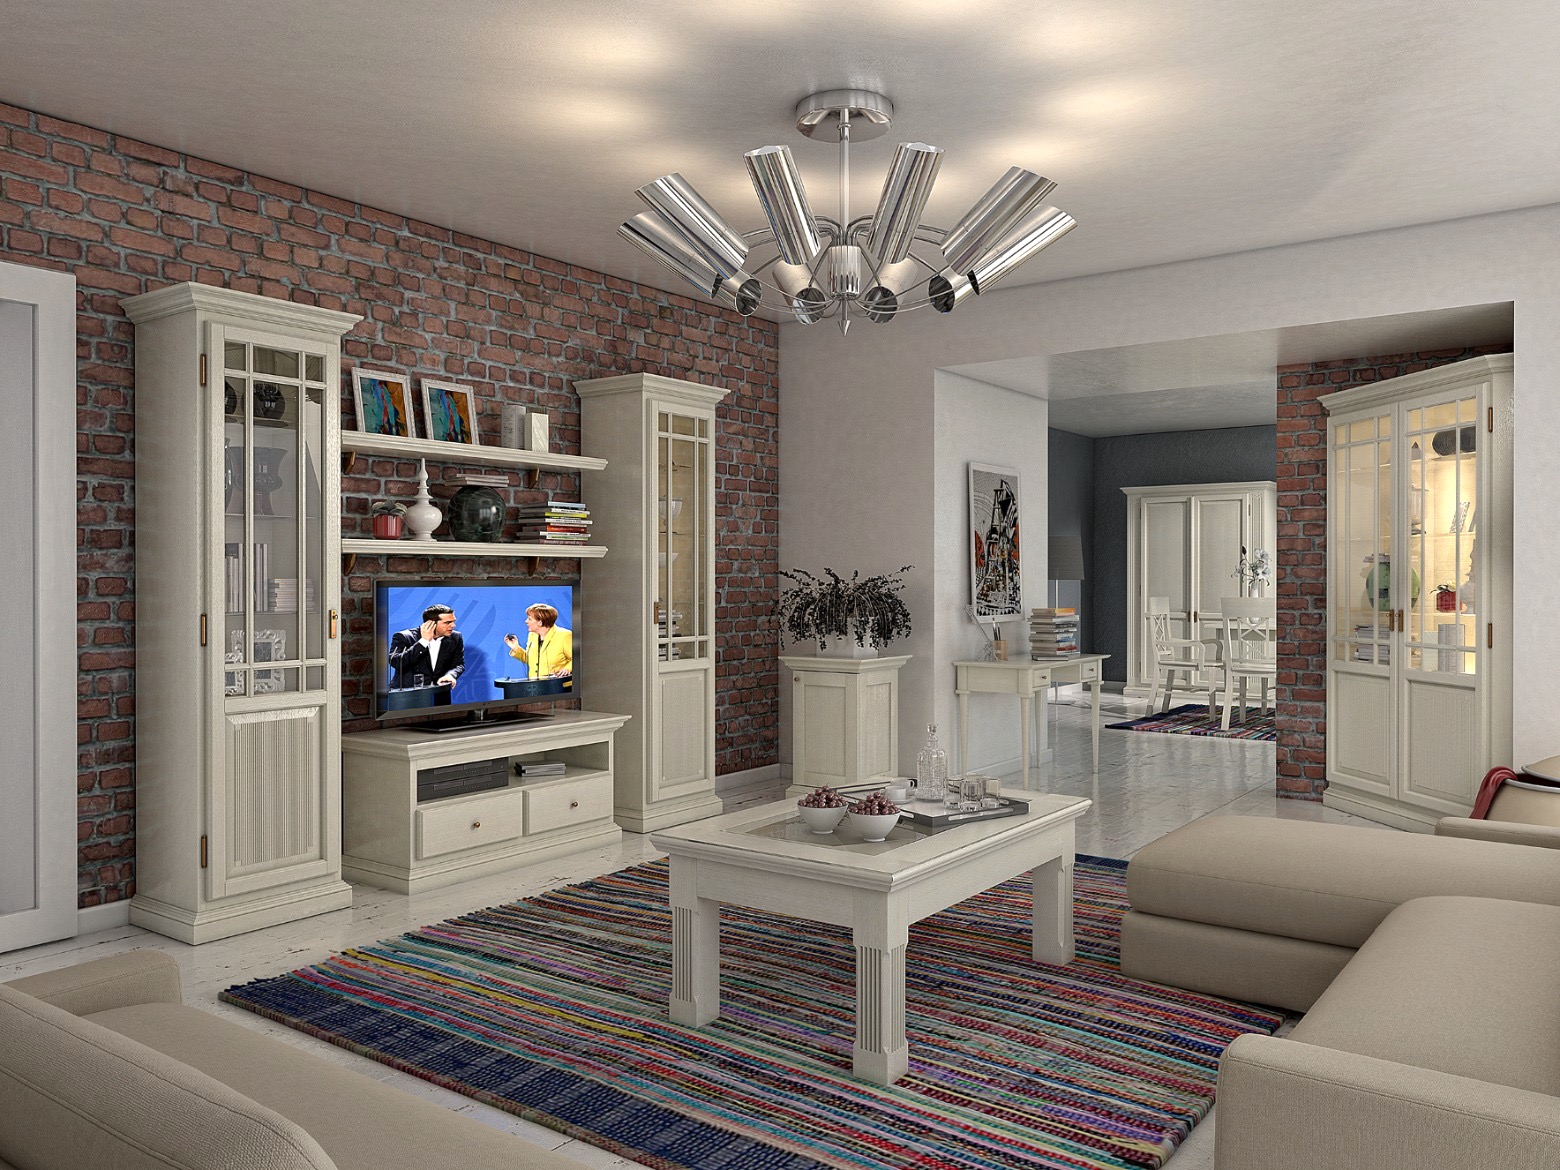 Landhausstil Modern Wohnzimmer Perfekt On Und For Designs Liebenswert 1